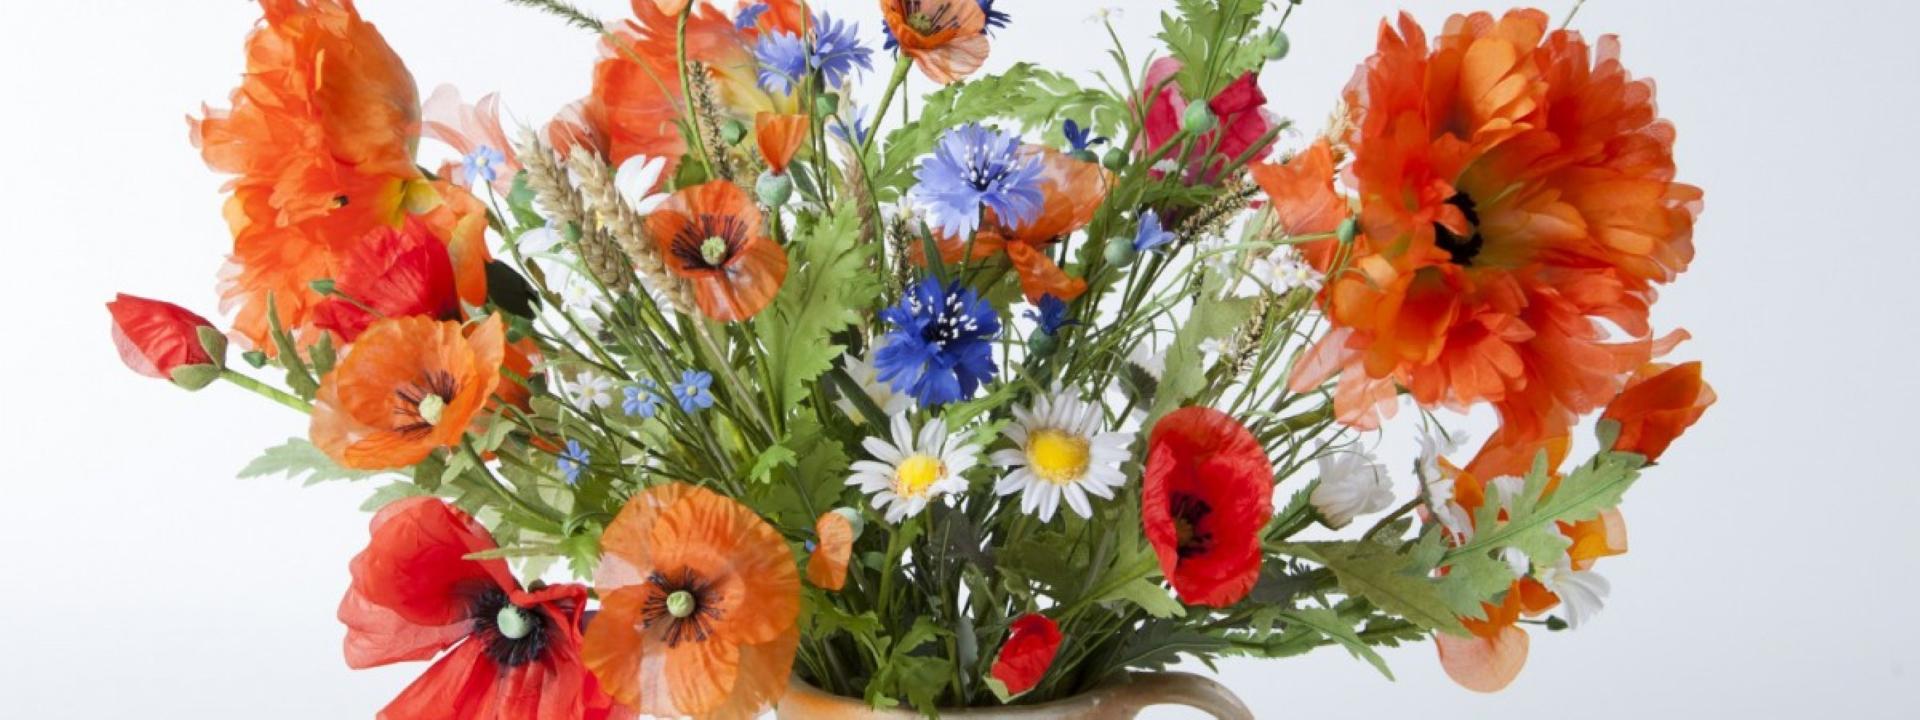 Blumenstrauss aus Kunstblumen aus Sebnitz